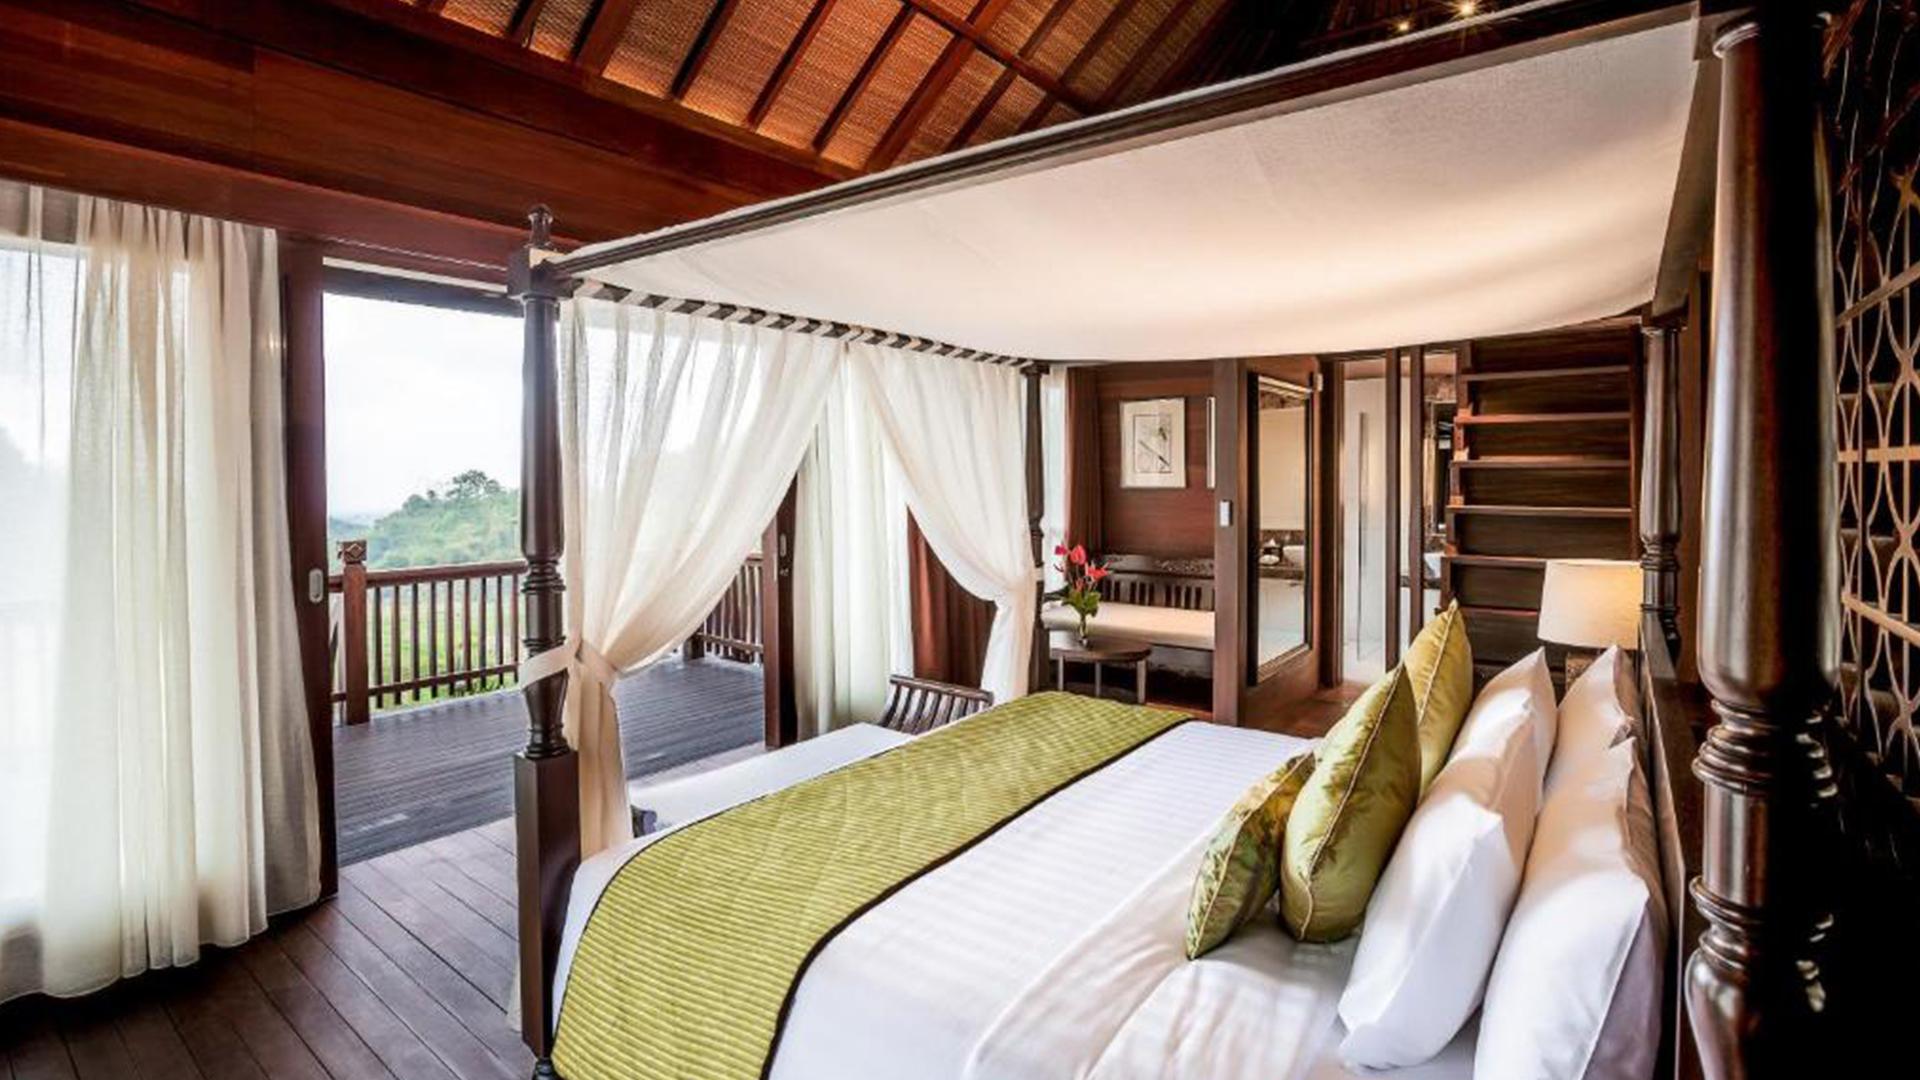 Hilltop Villa image 1 at Saranam Resort & Spa* by Kabupaten Tabanan, Bali, Indonesia